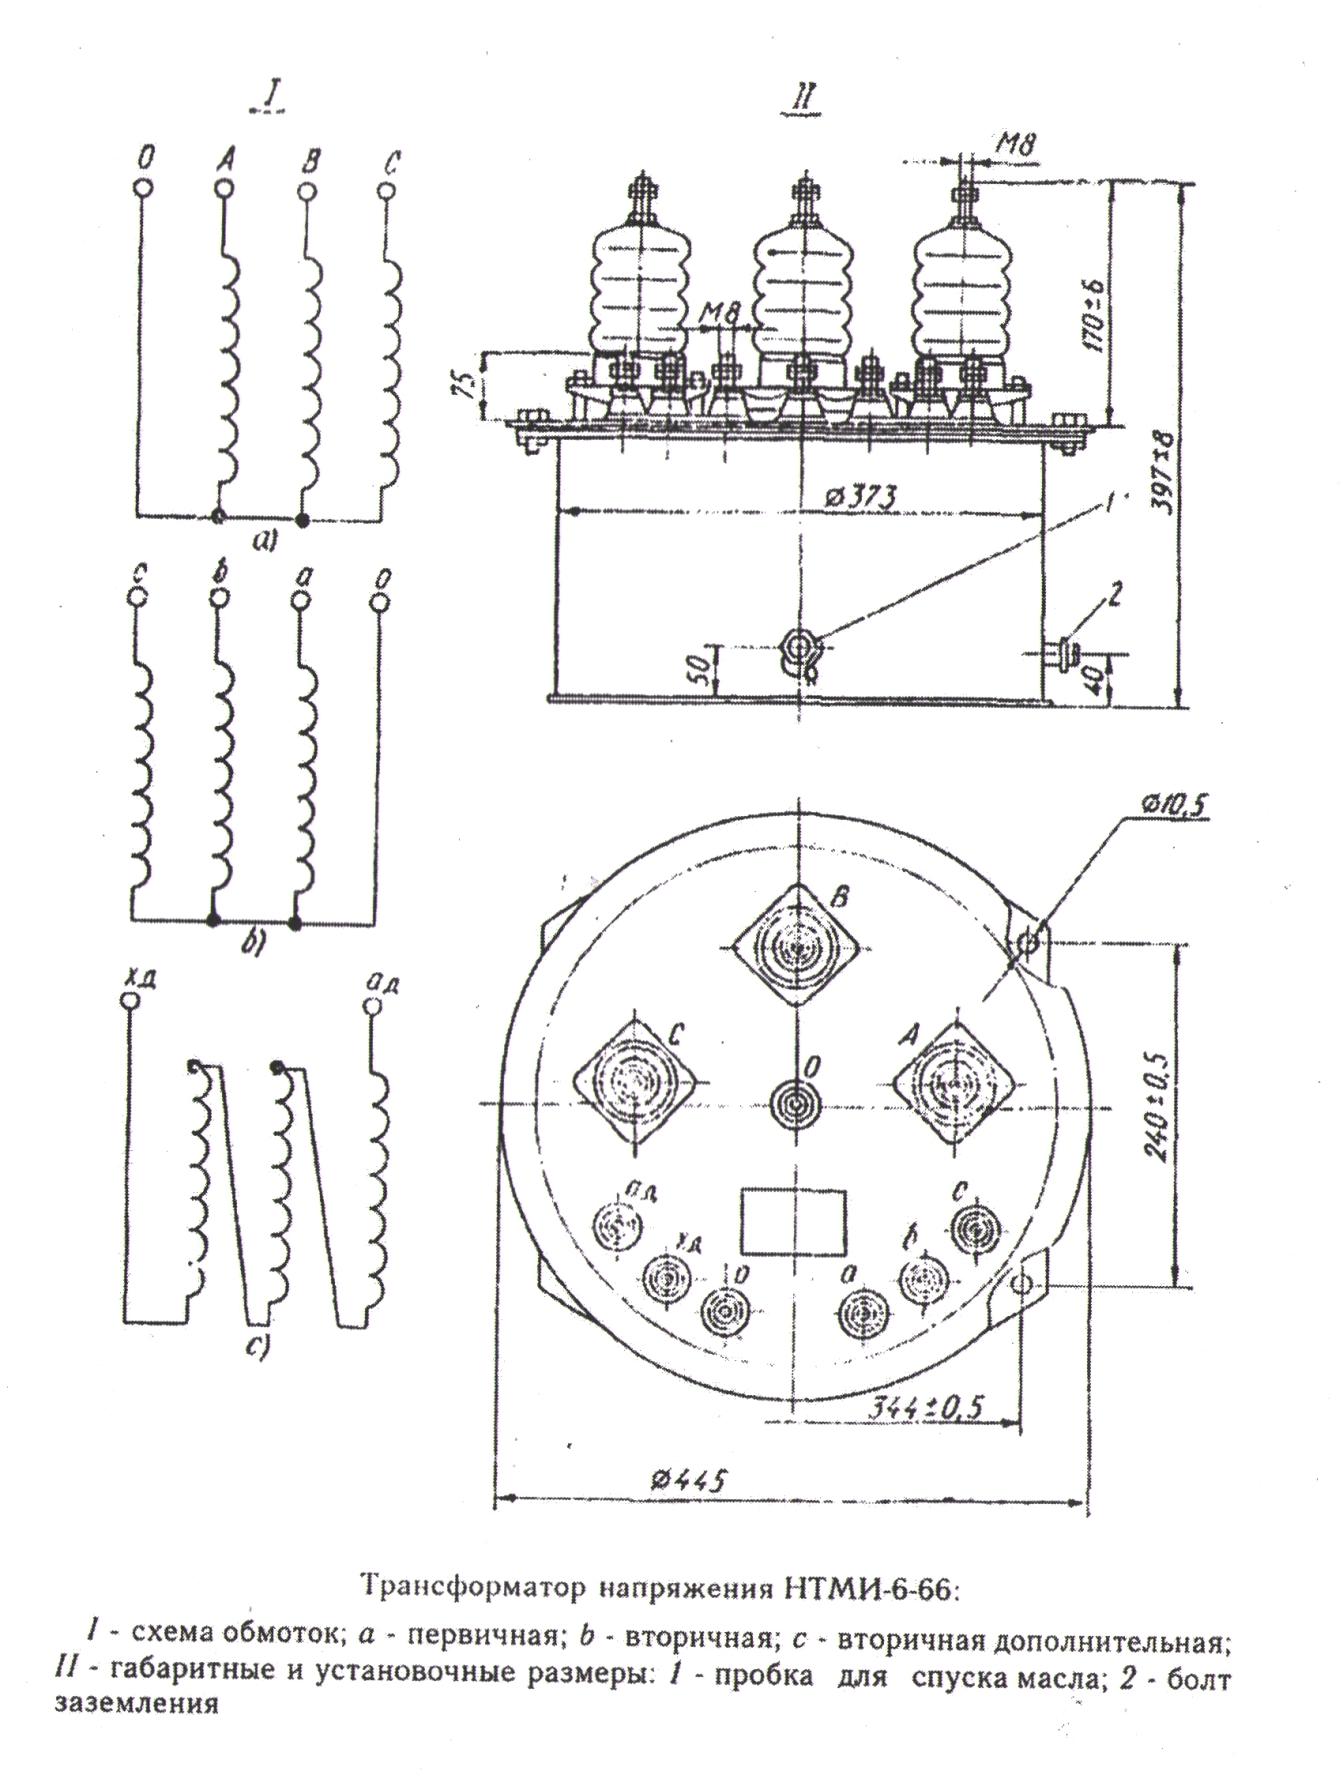 Чертеж трансформатора НТМИ-6